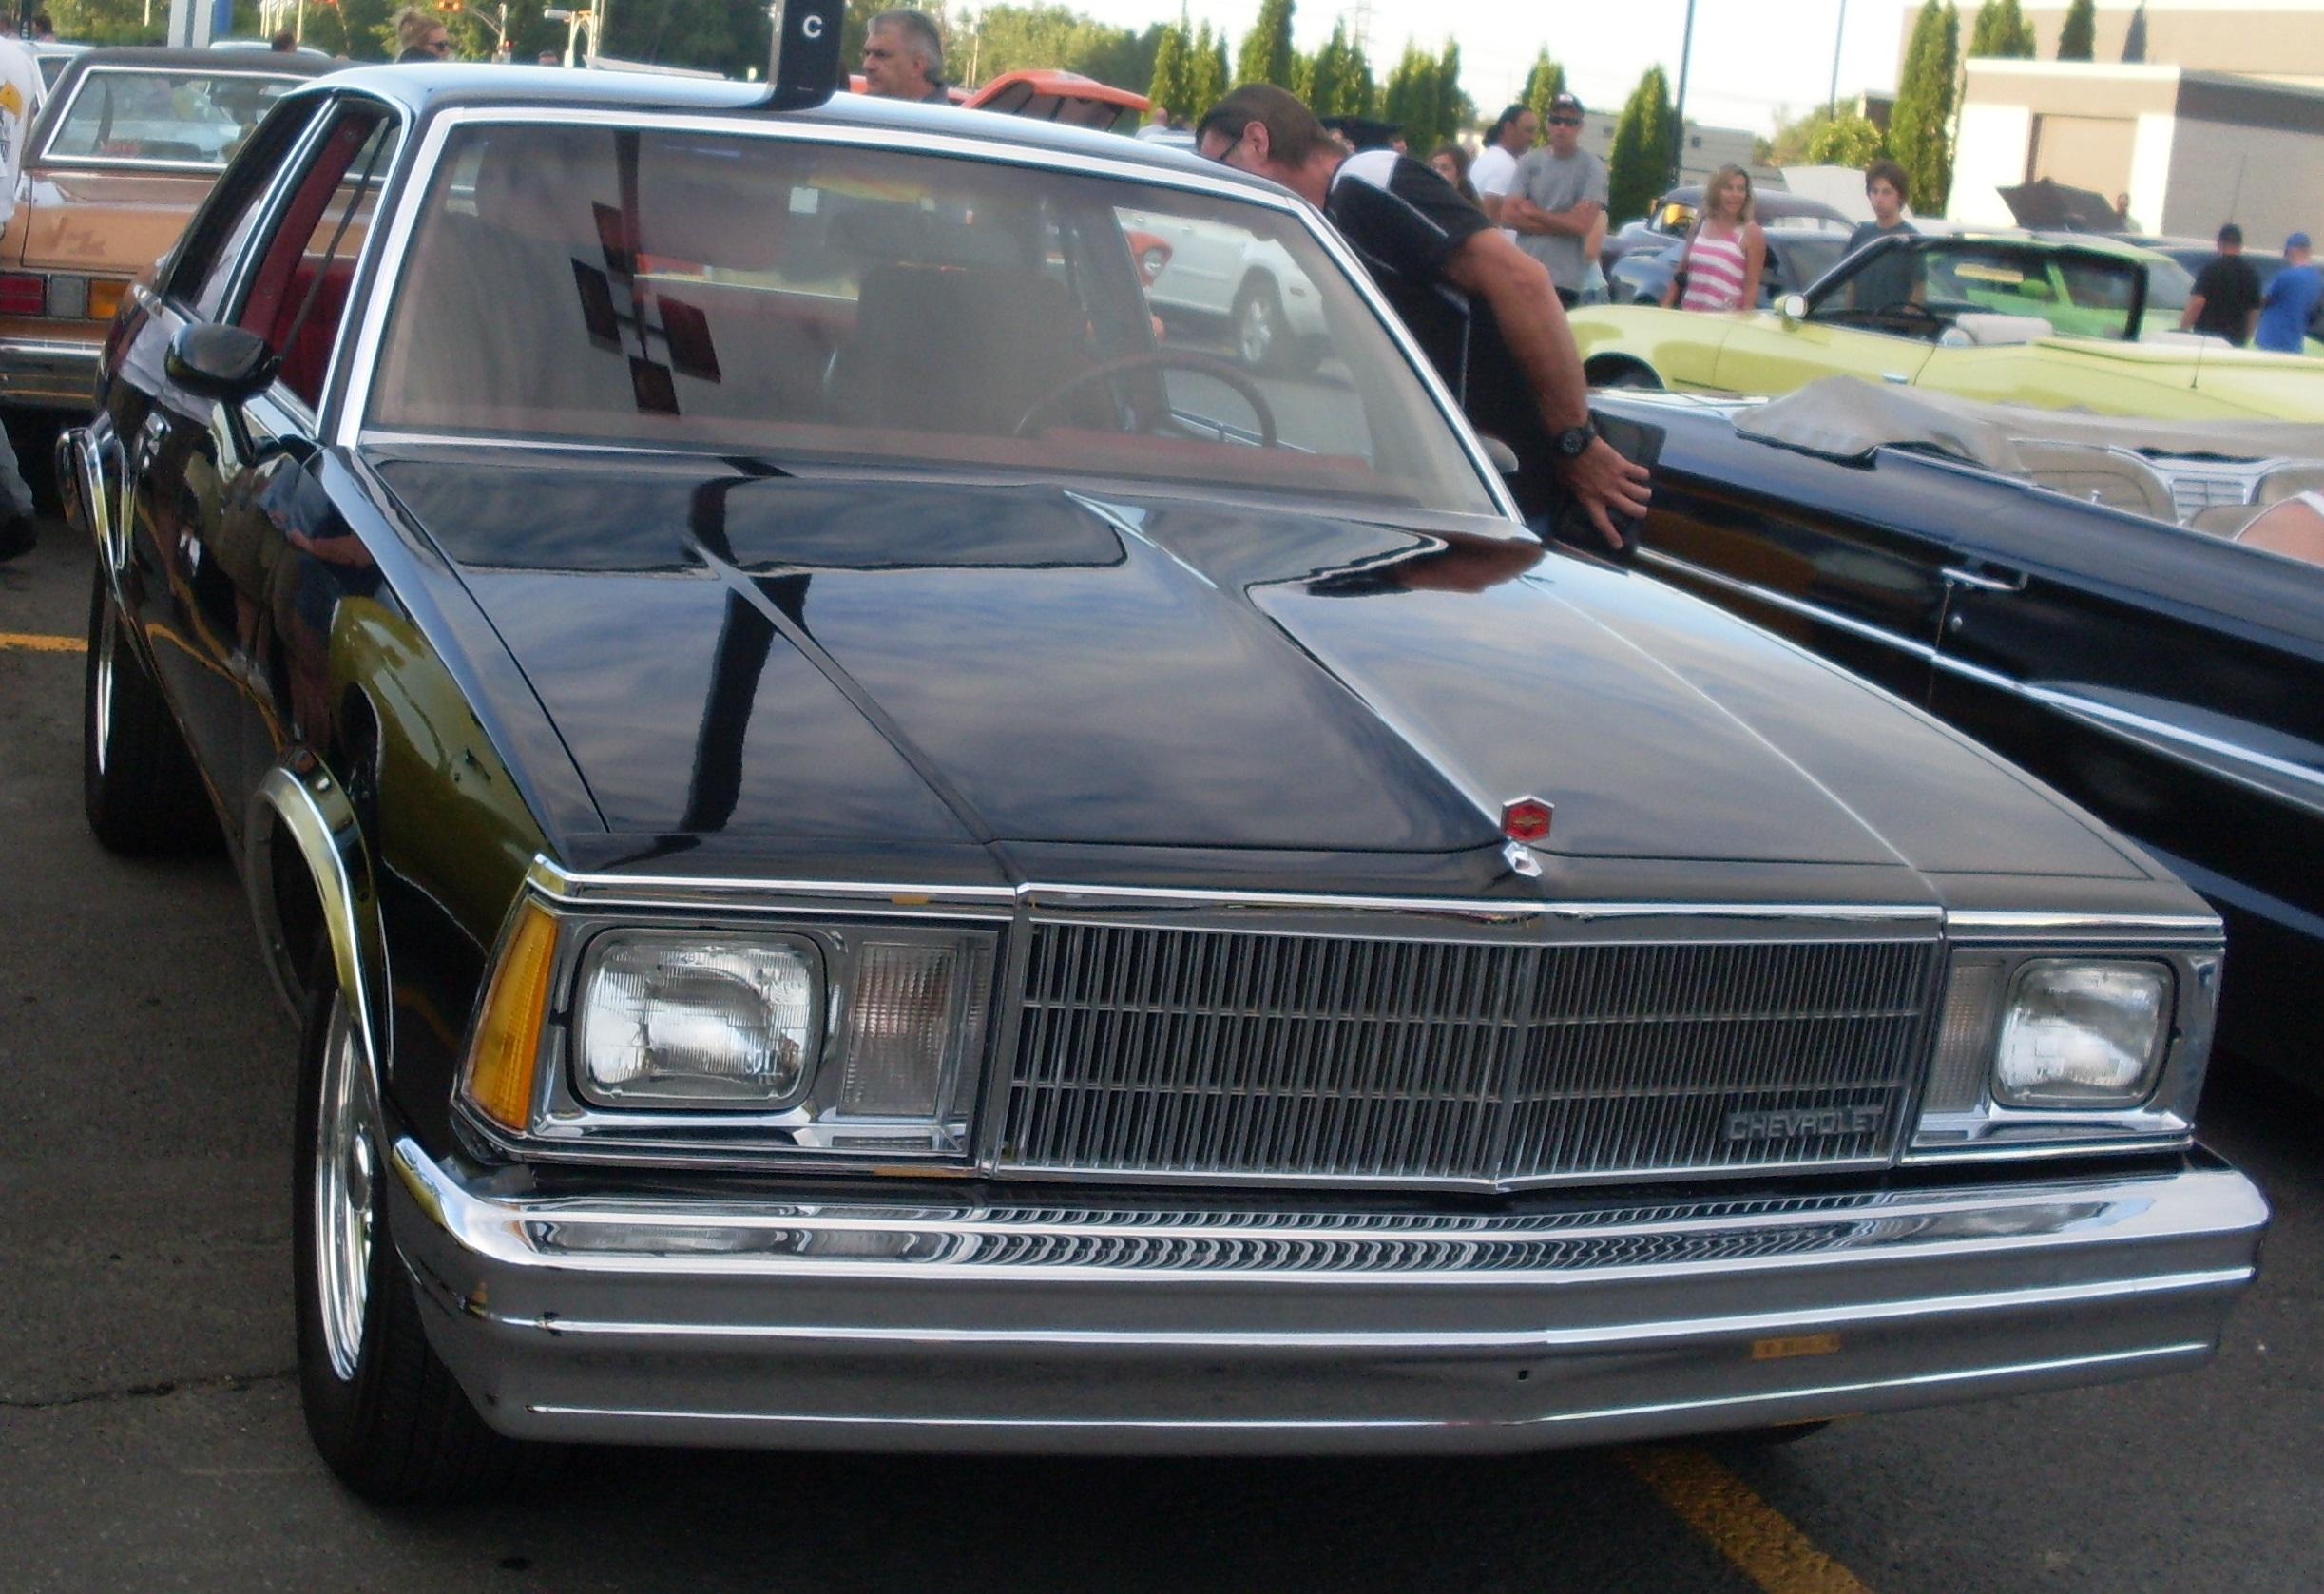 File:'80 Chevrolet Malibu Coupe (Auto classique St-Constant '13).JPG - Wikimedia Commons